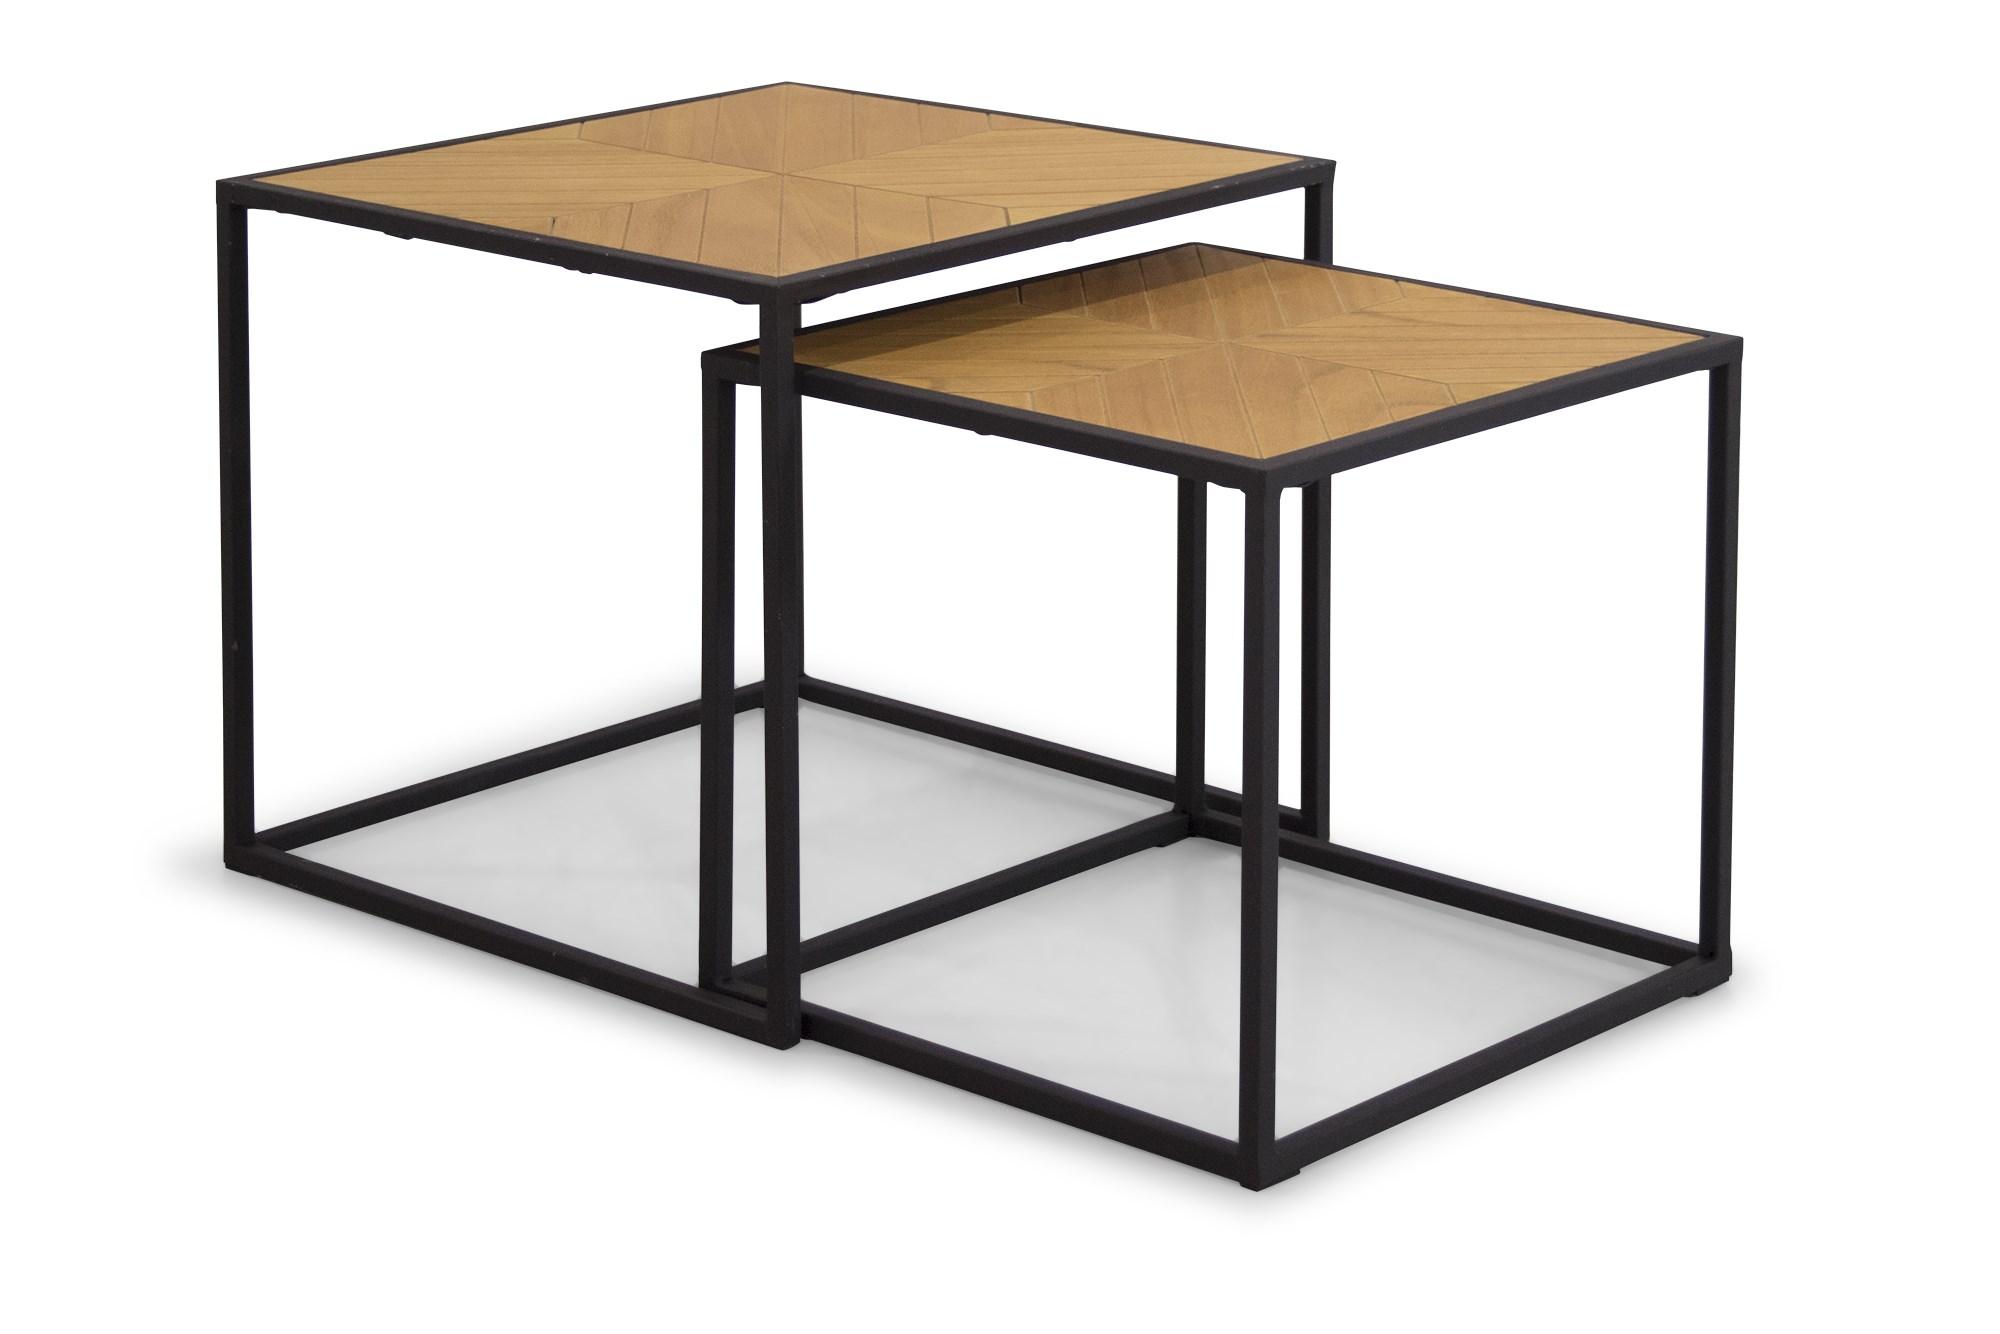 Køb Antigo Indskudsborde (2 Stk.), Træfinér Og Sort Metalstel